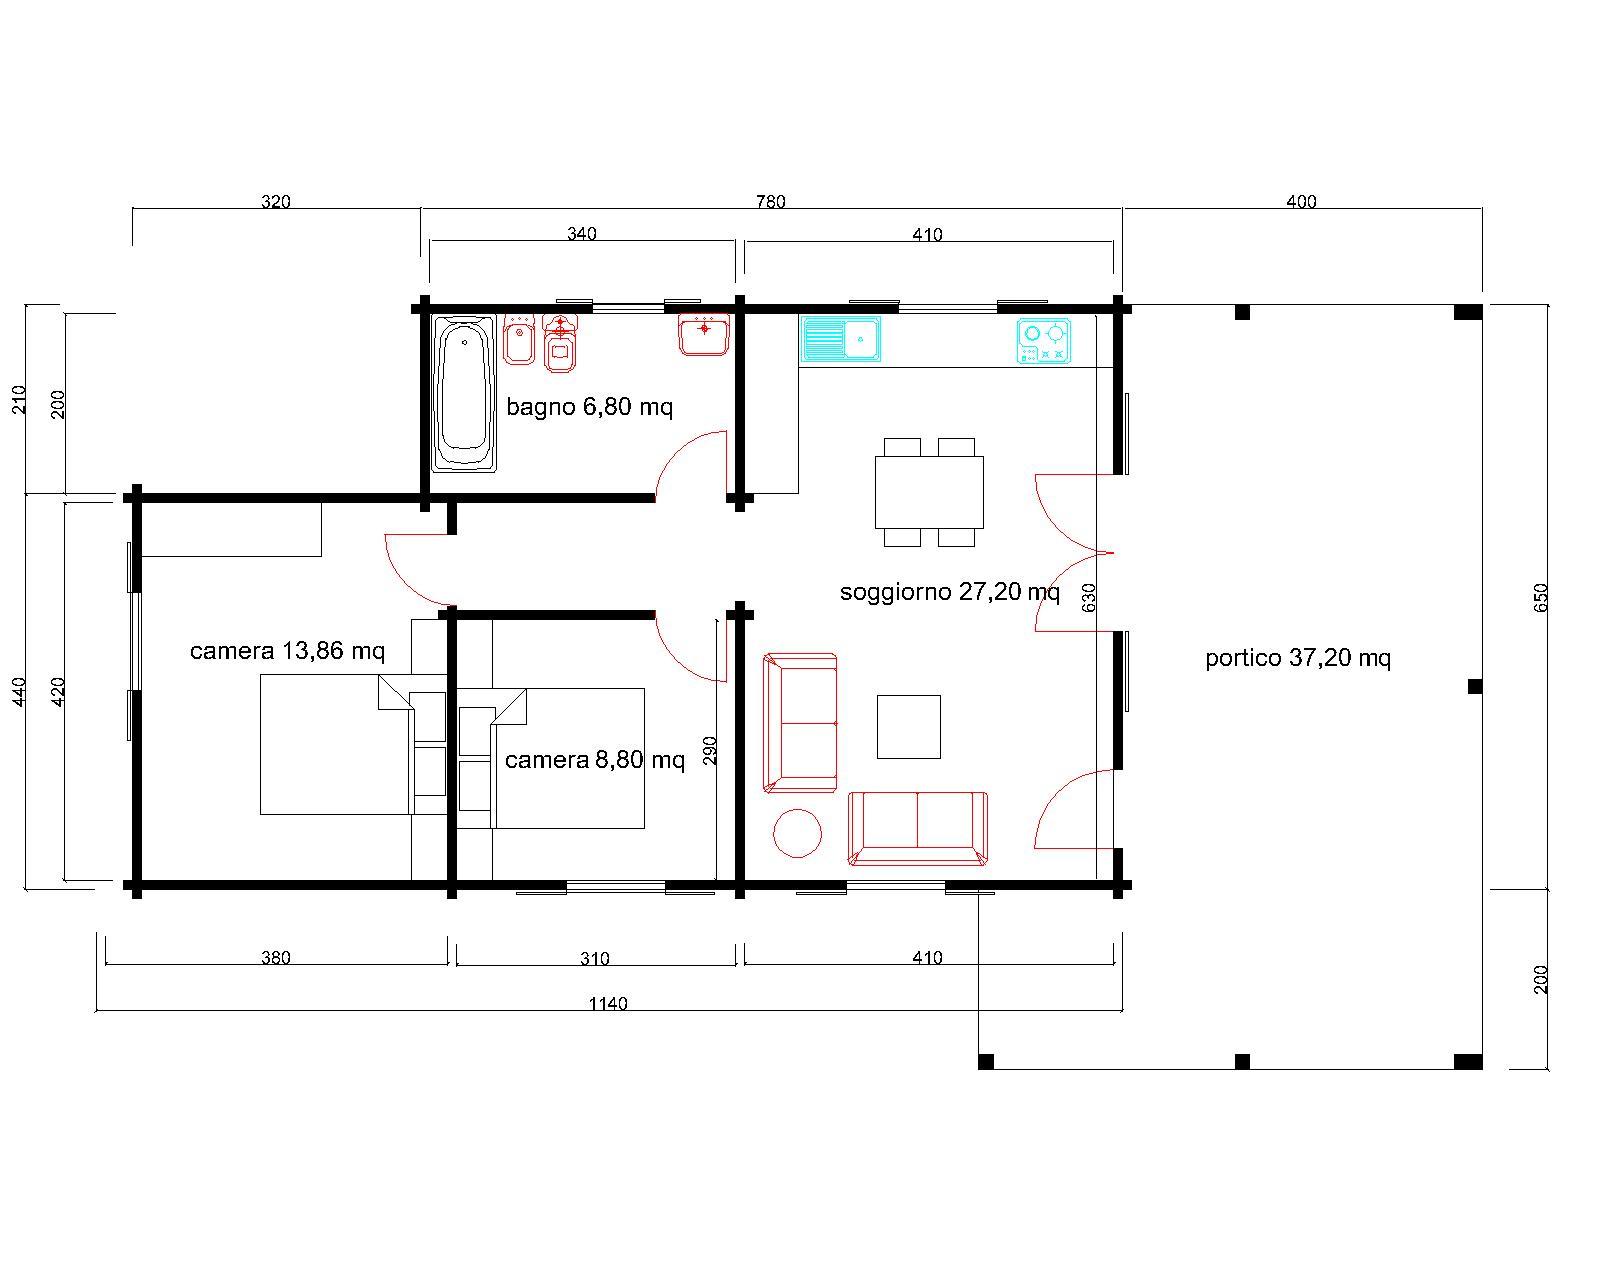 Progetti di case in legno casa 65 mq portico 37 mq for Progetti di case